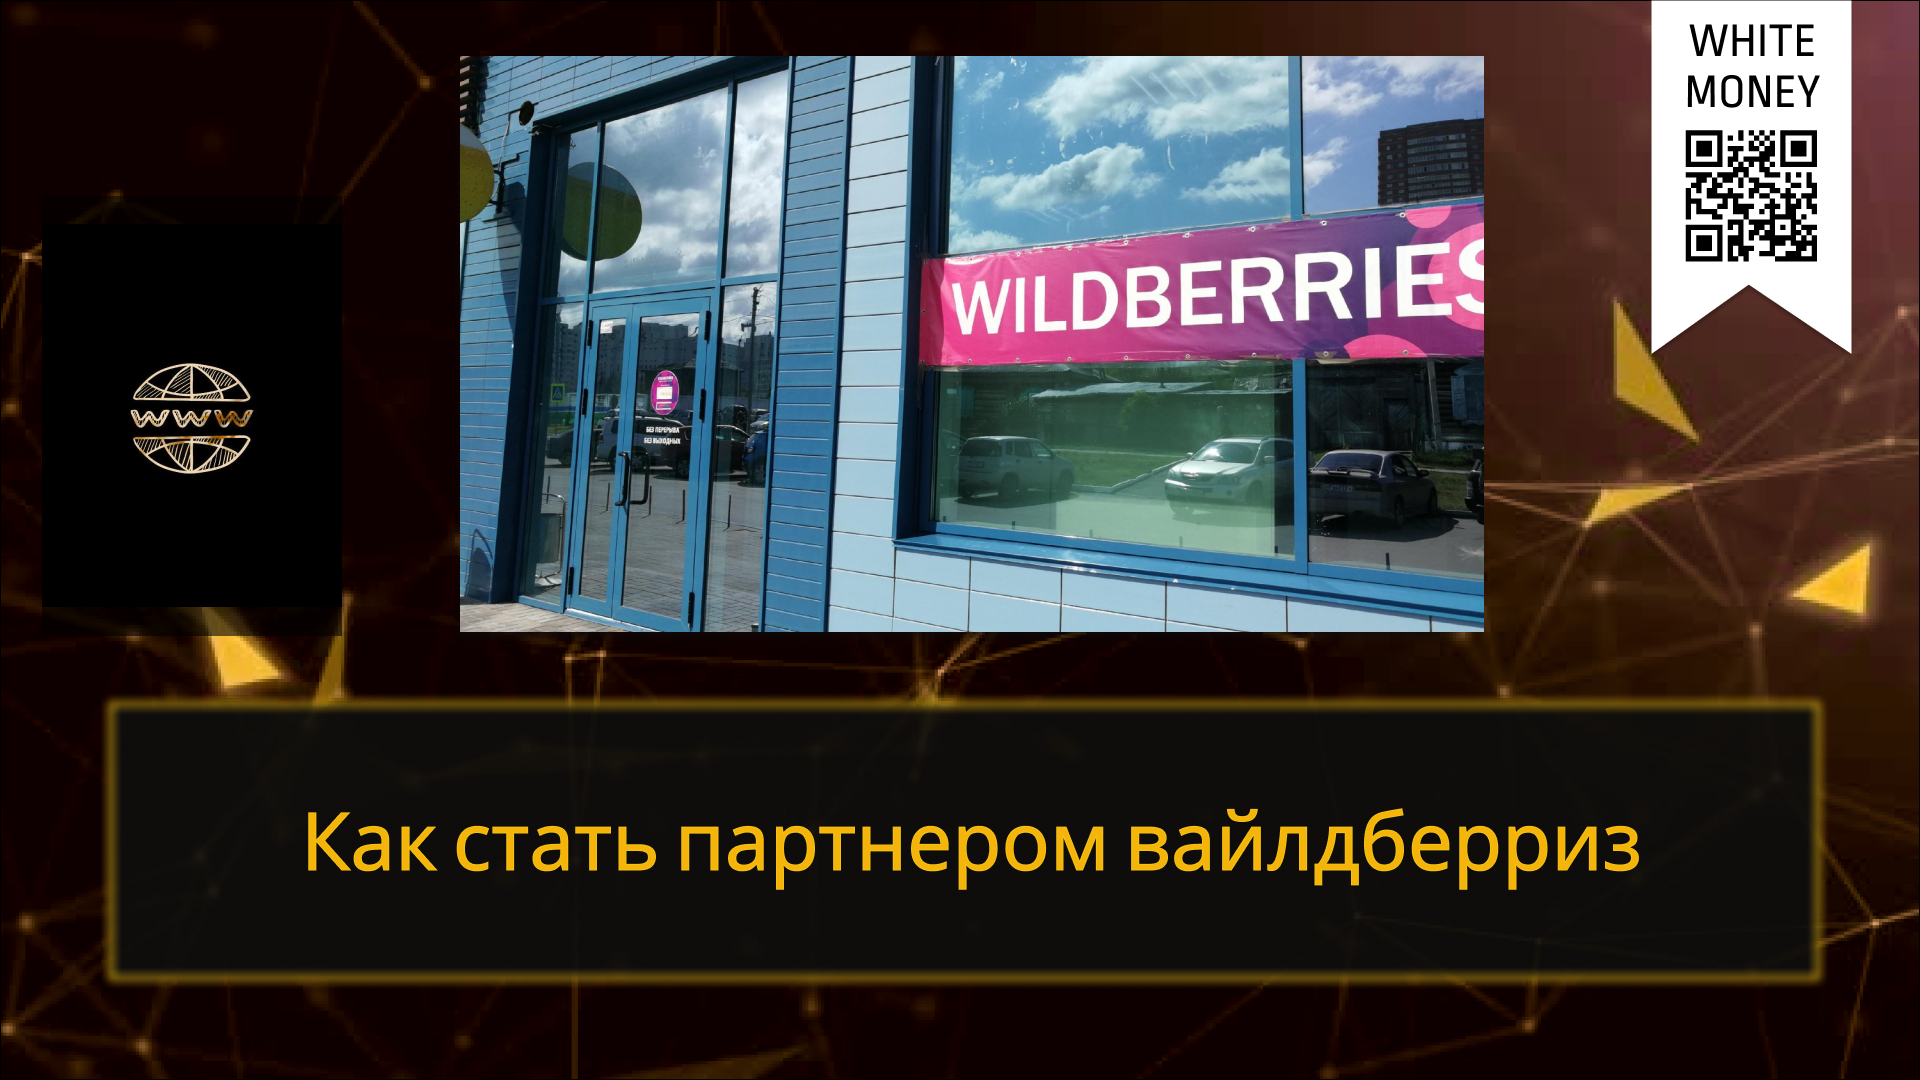 Как стать партнером Wildberries